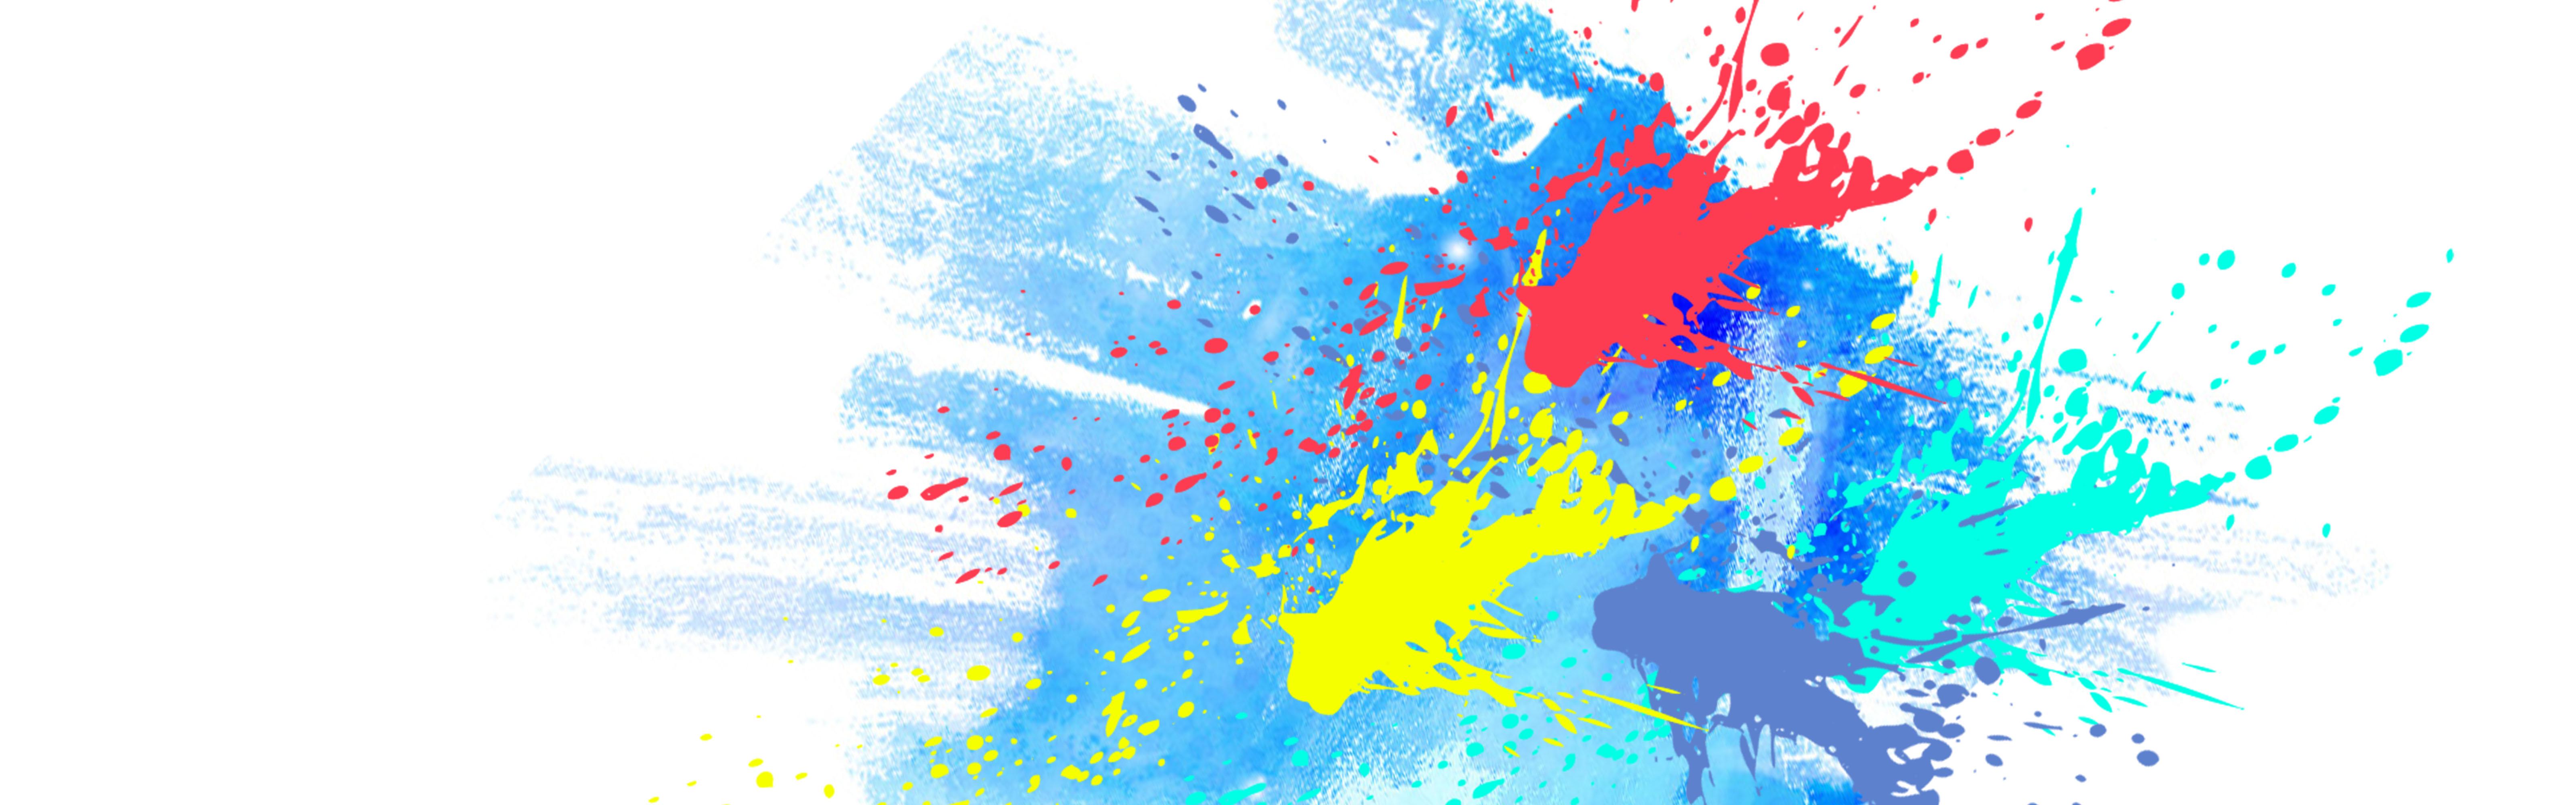 Watercolor Splash Background, Color, Watercolor, Ink ...